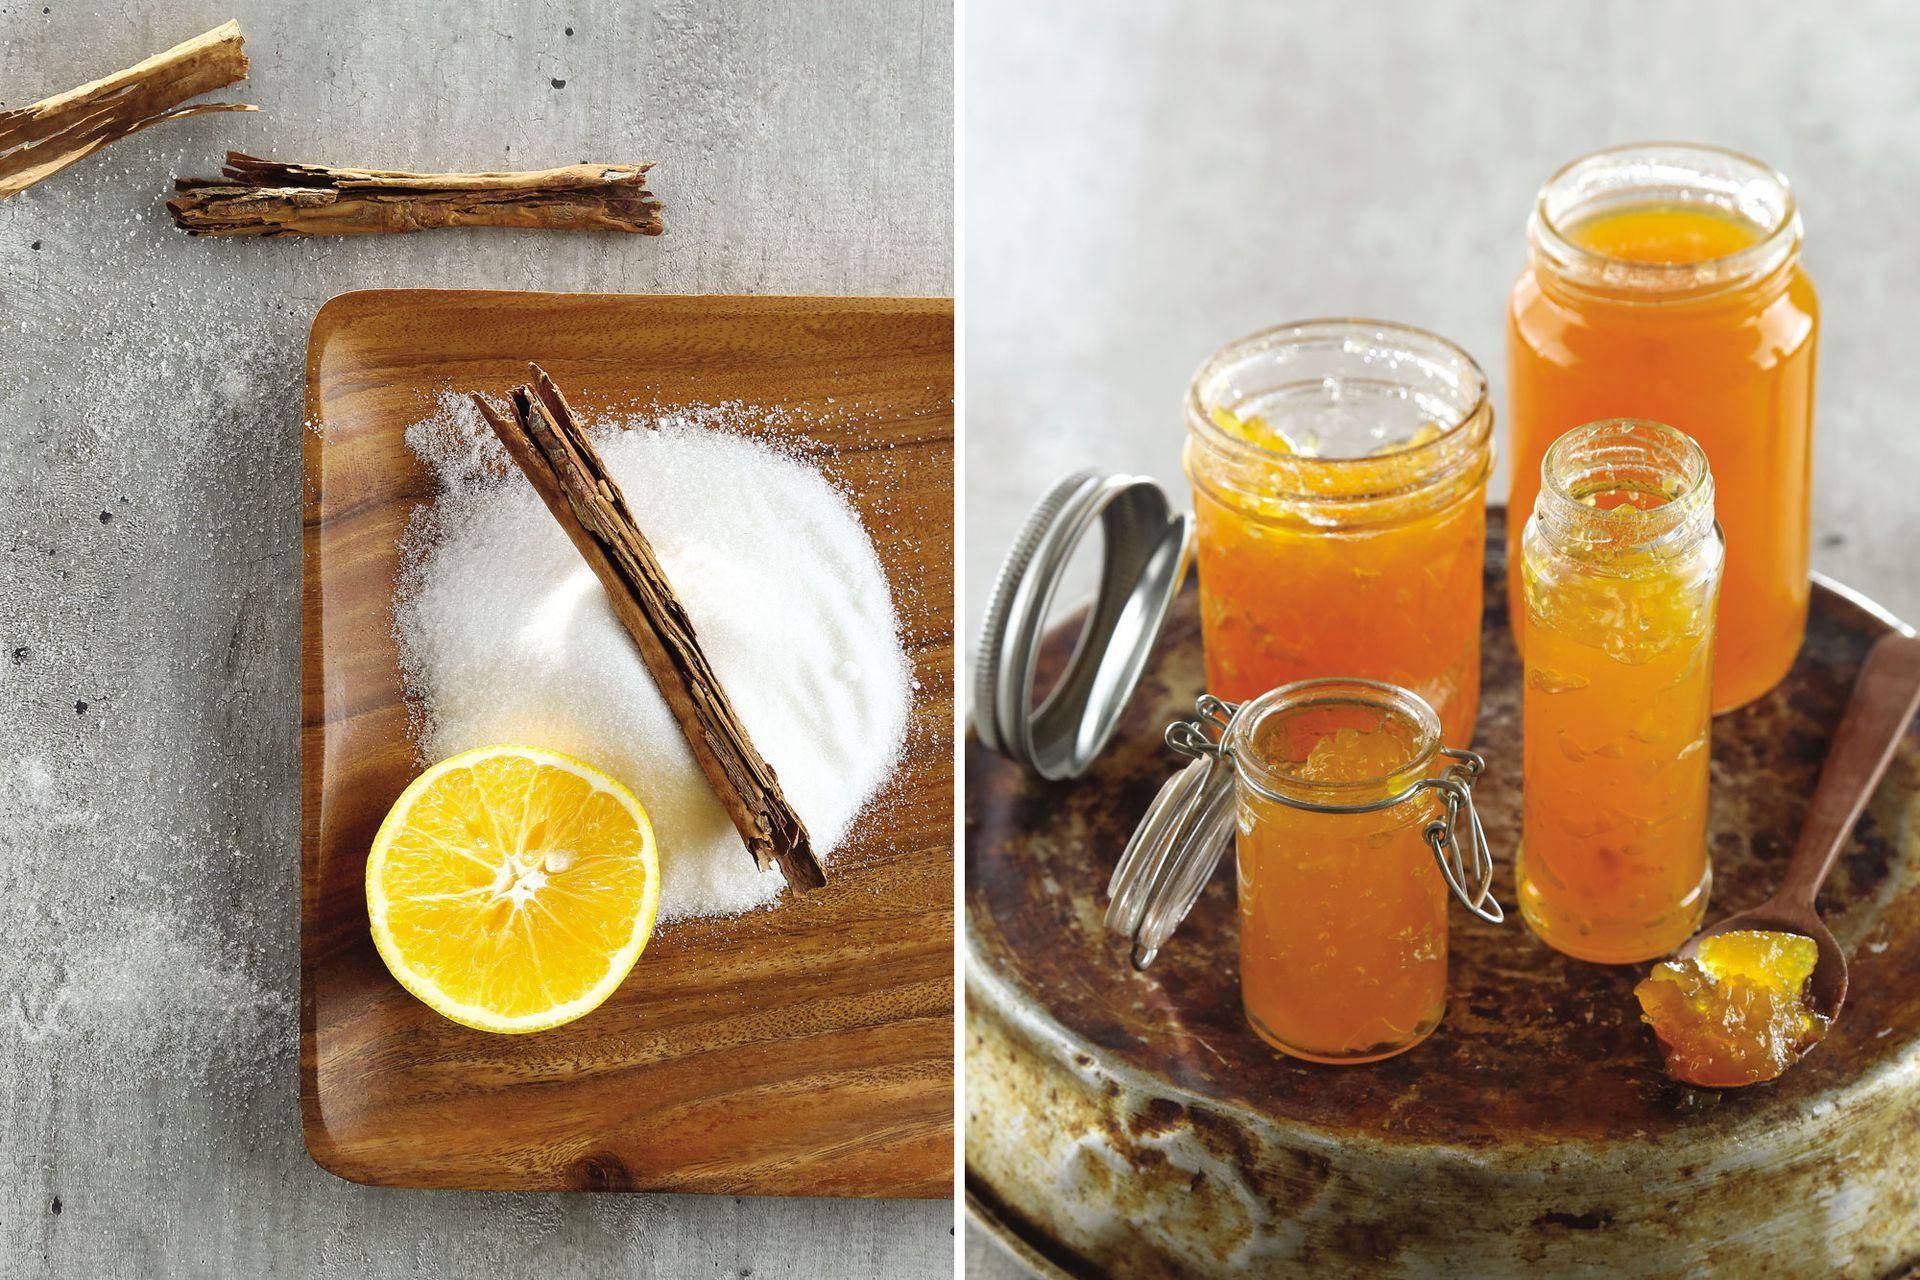 La mermelada de calabaza lleva un tiempo considerable de cocción, pero una vez lista, es una conserva dulce que vale la pena tener siempre a mano en la alacena.